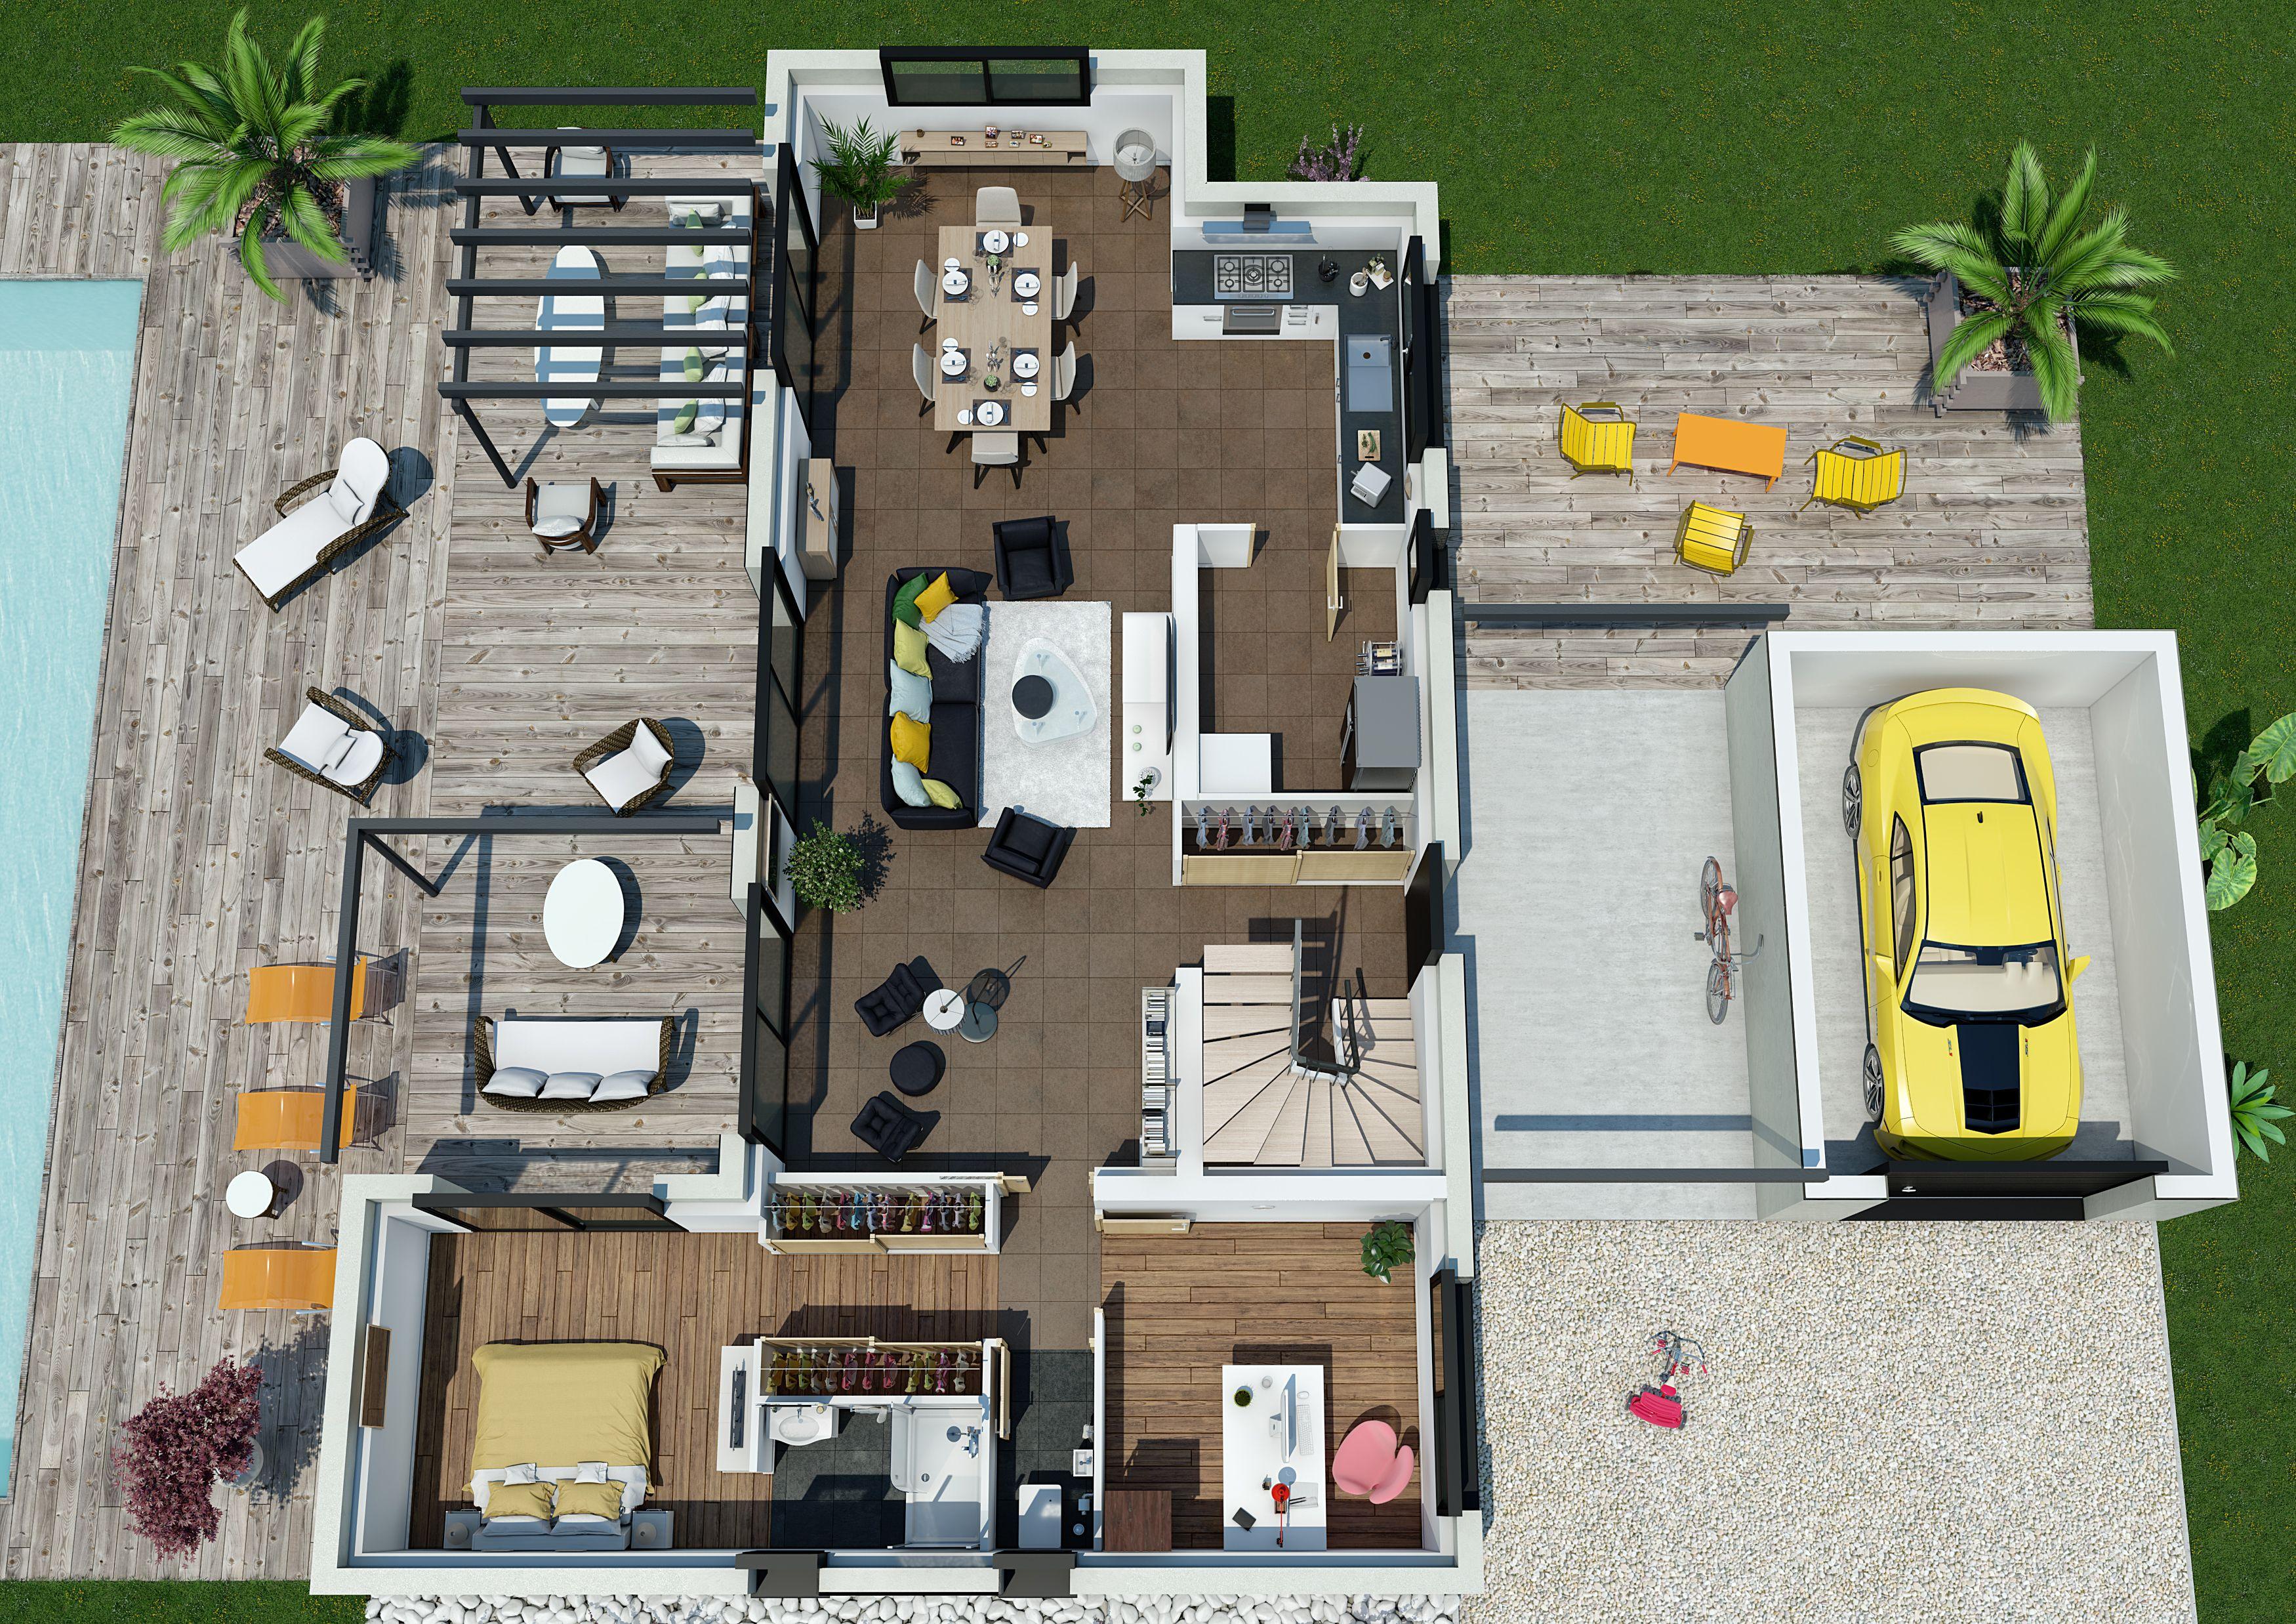 Maison villa florida couleur villas 188800 euros for Construire maison 91